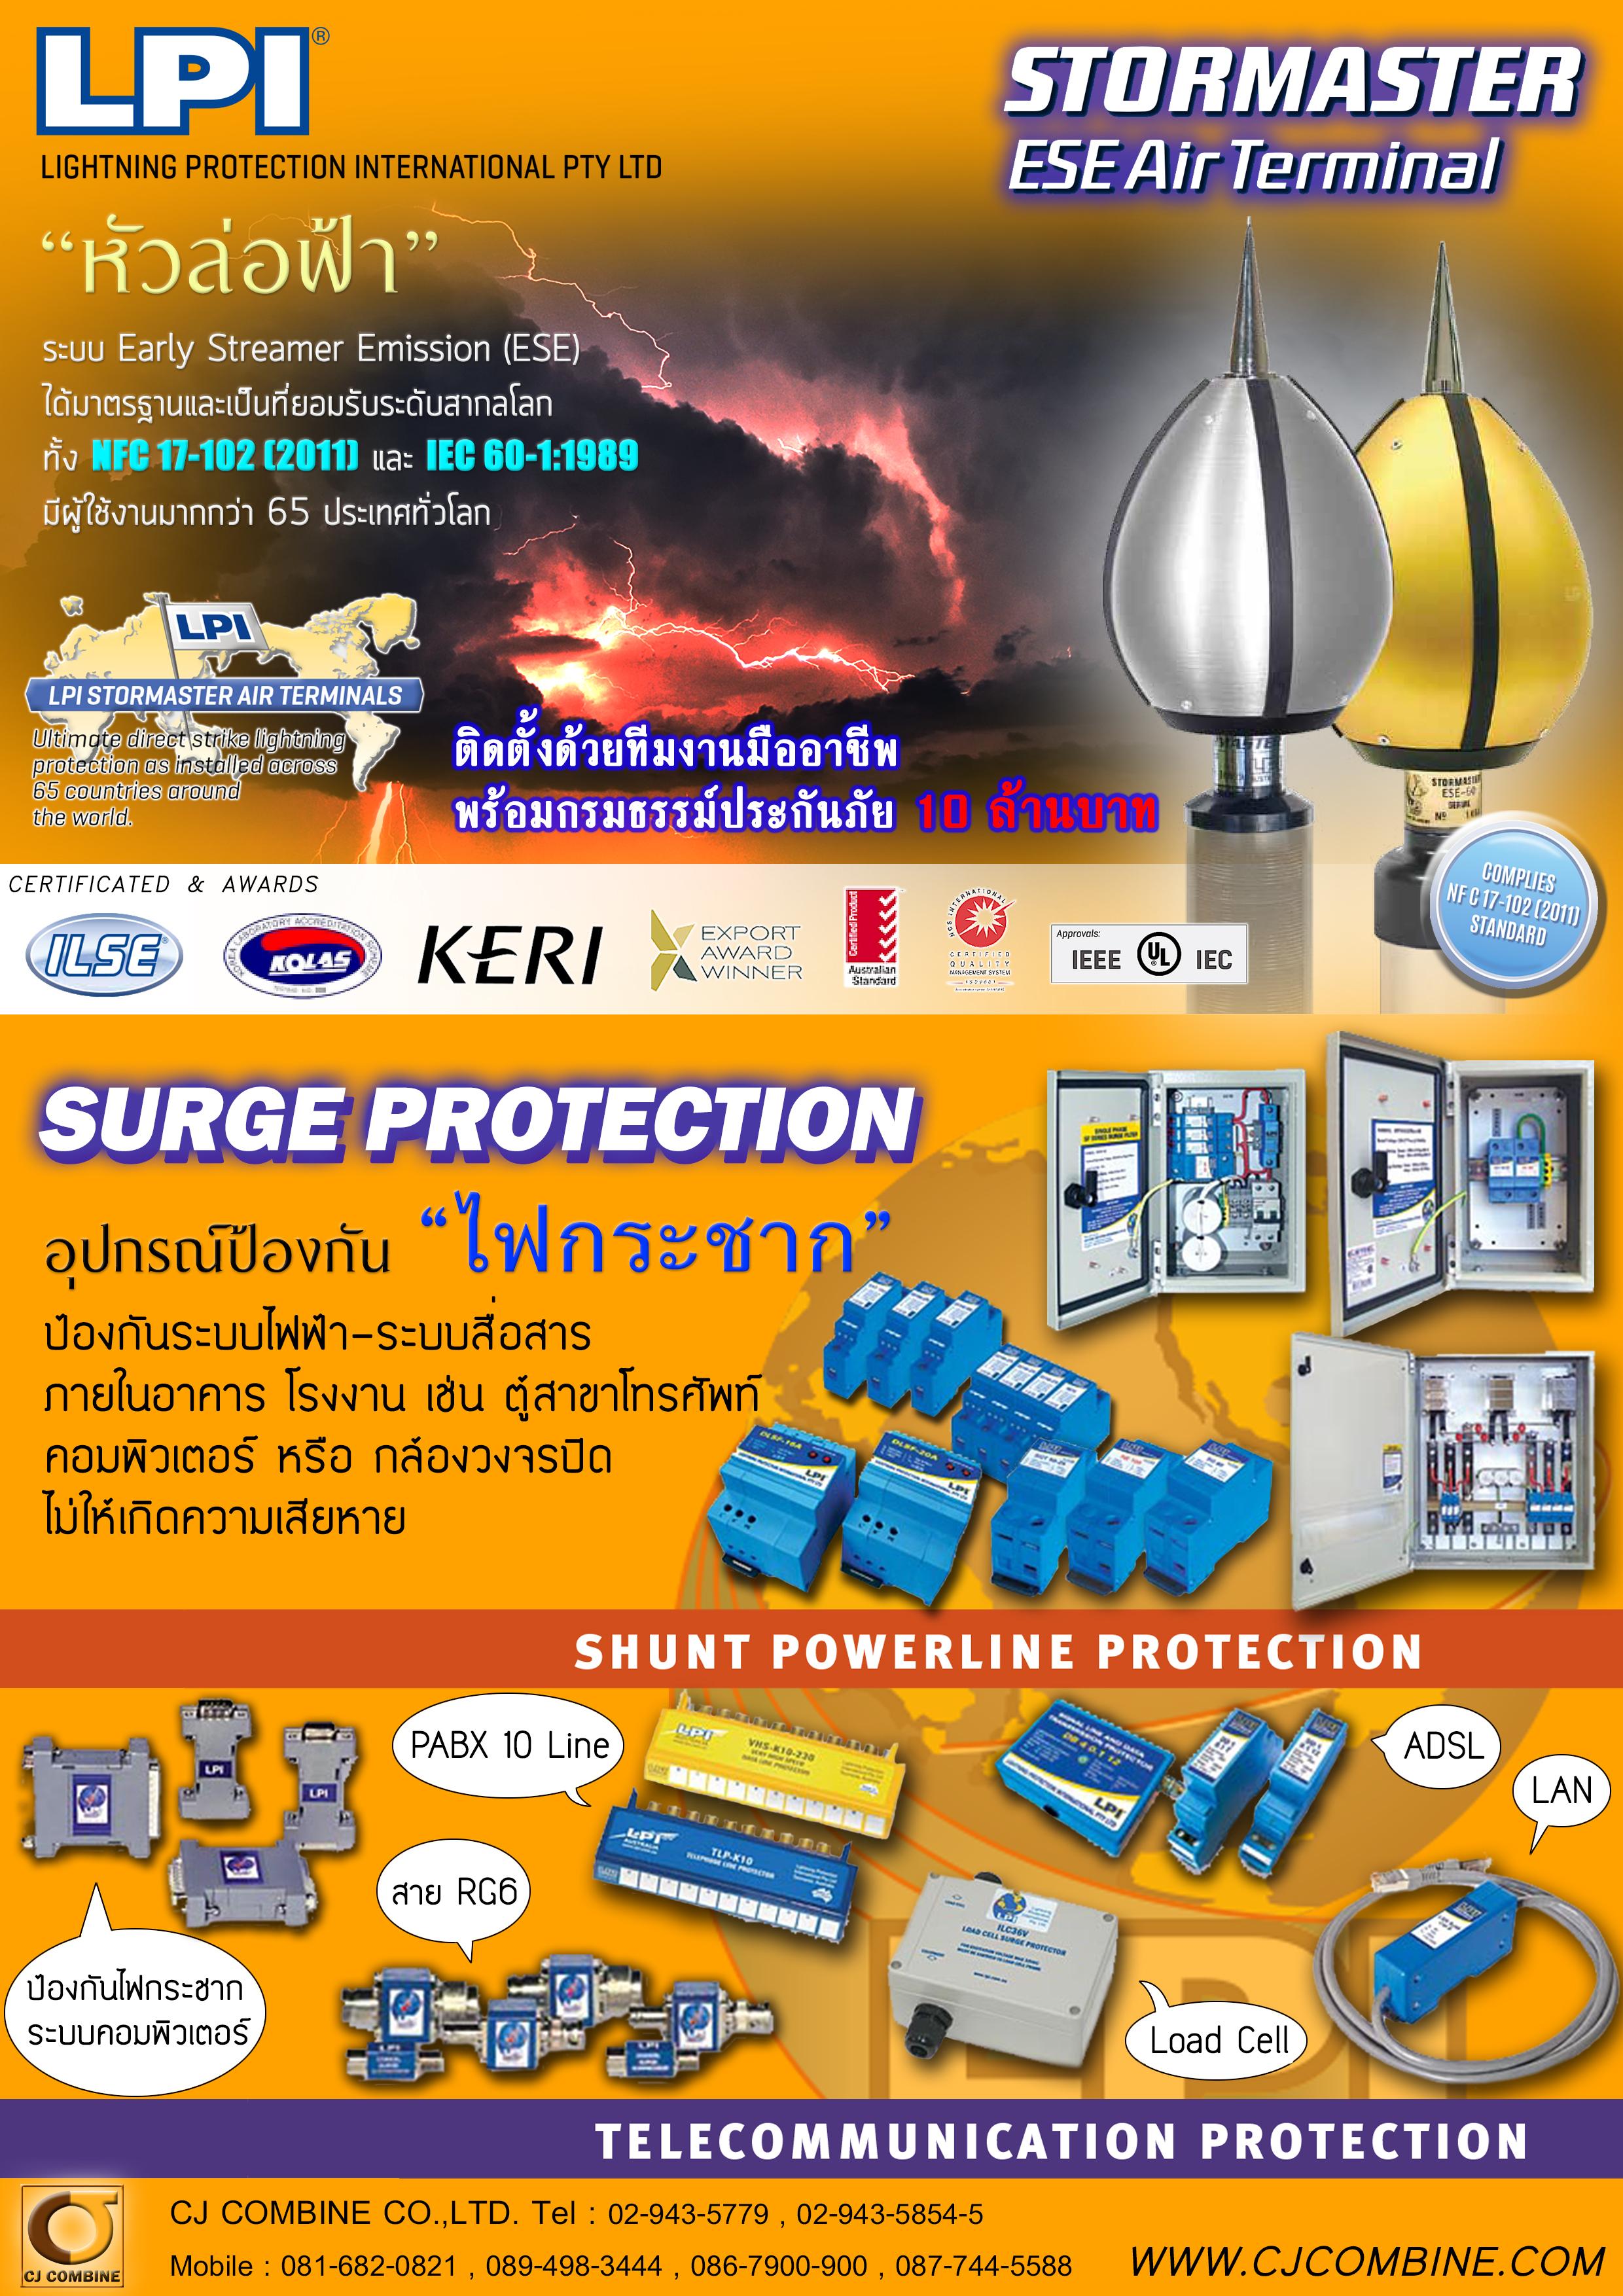 LPI , Early Streamer , หัวล่อฟ้า , สายล่อฟ้า ,ฟ้าผ่า , สายฟ้า ,ระบบล่อฟ้า , ระบบป้องกันอันตรายจากฟ้าผ่า , ESE , Lightning , Lightning Protection